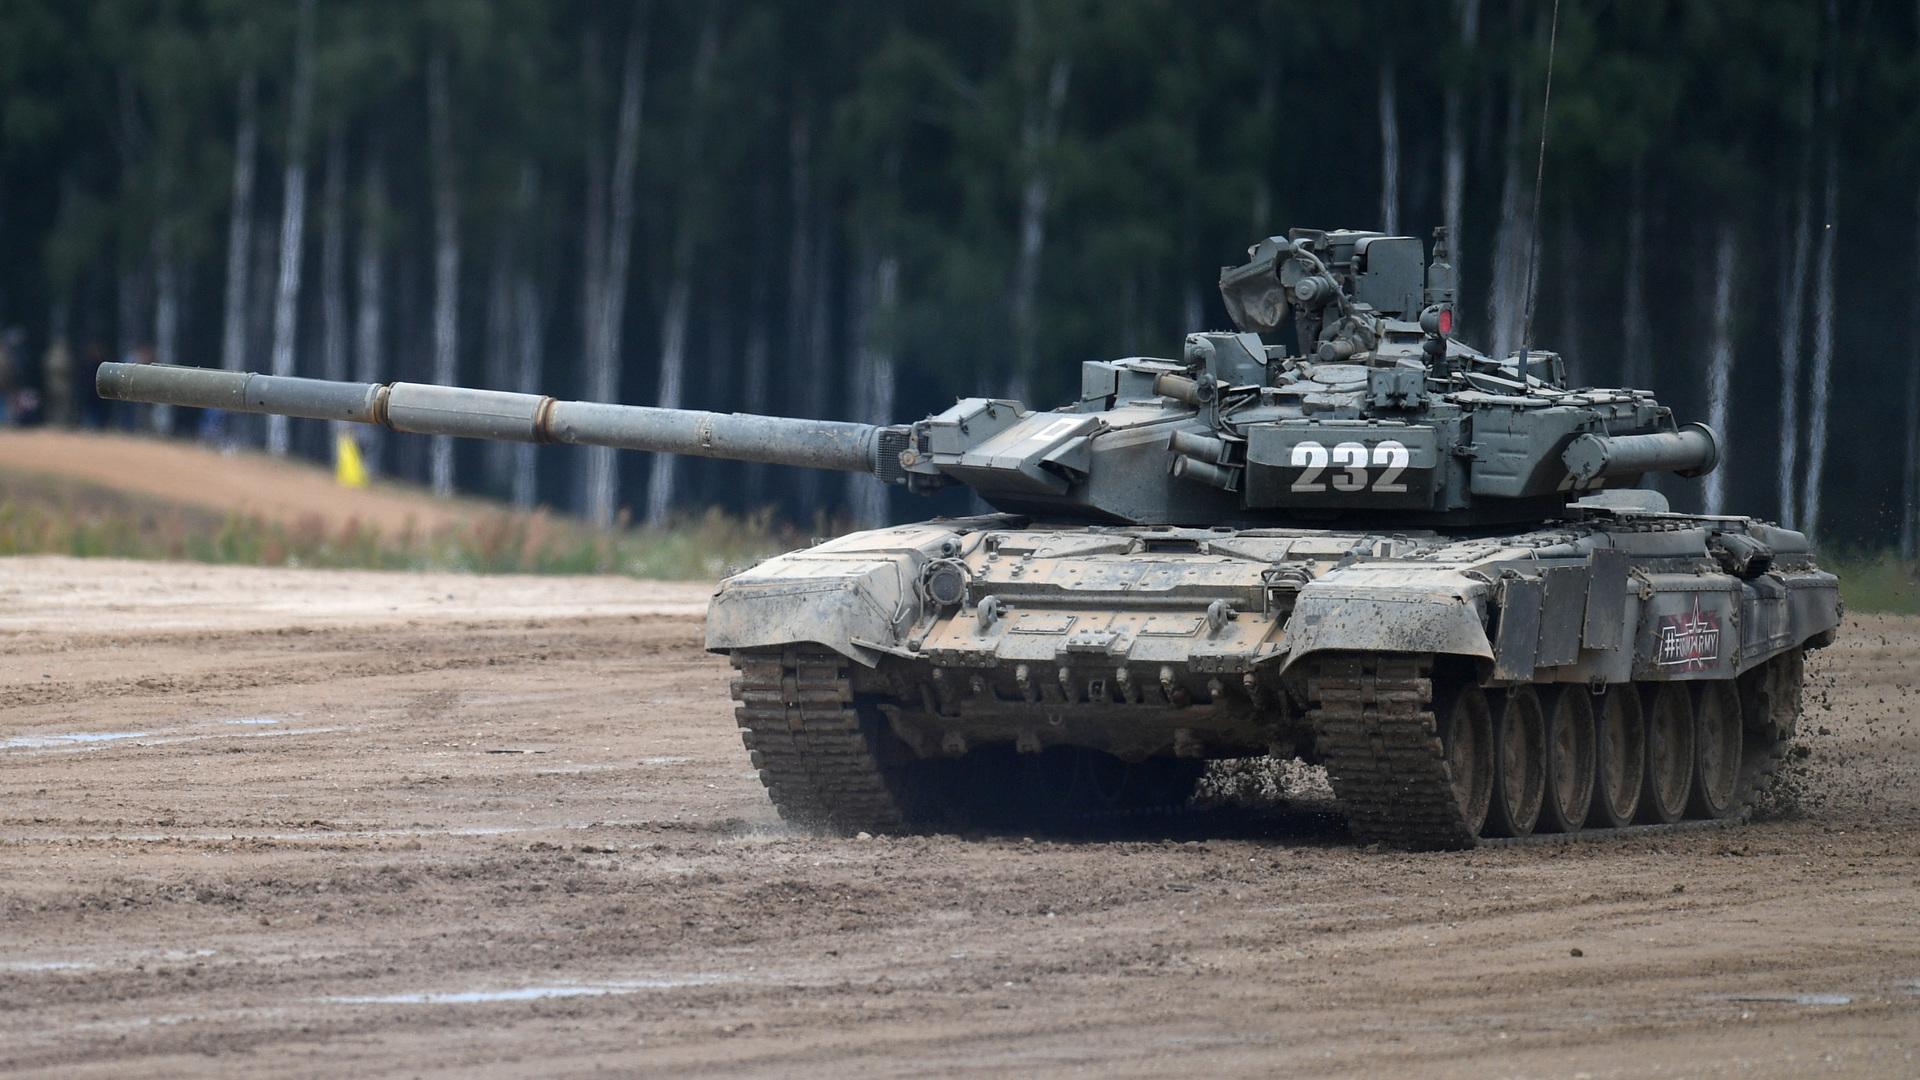 Противоракетная маскировка: как новый «ослепляющий» снаряд защитит российские танки2